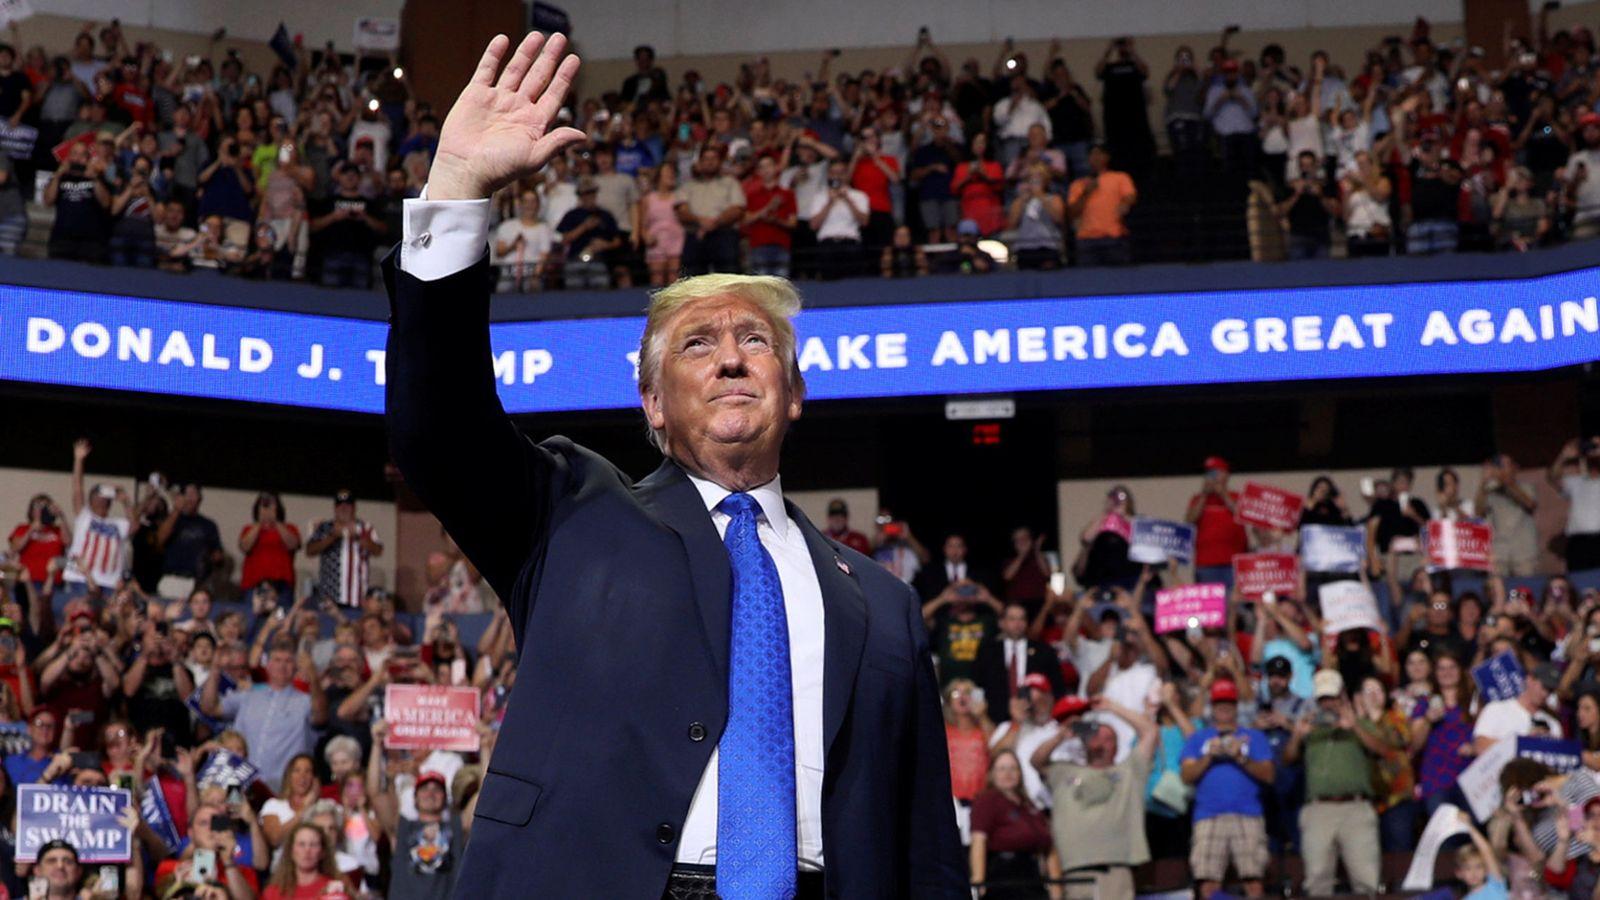 Foto: El presidente de EEUU, Donald Trump, durante un evento con simpatizantes en Southaven, el 2 de octubre de 2018. (Reuters)